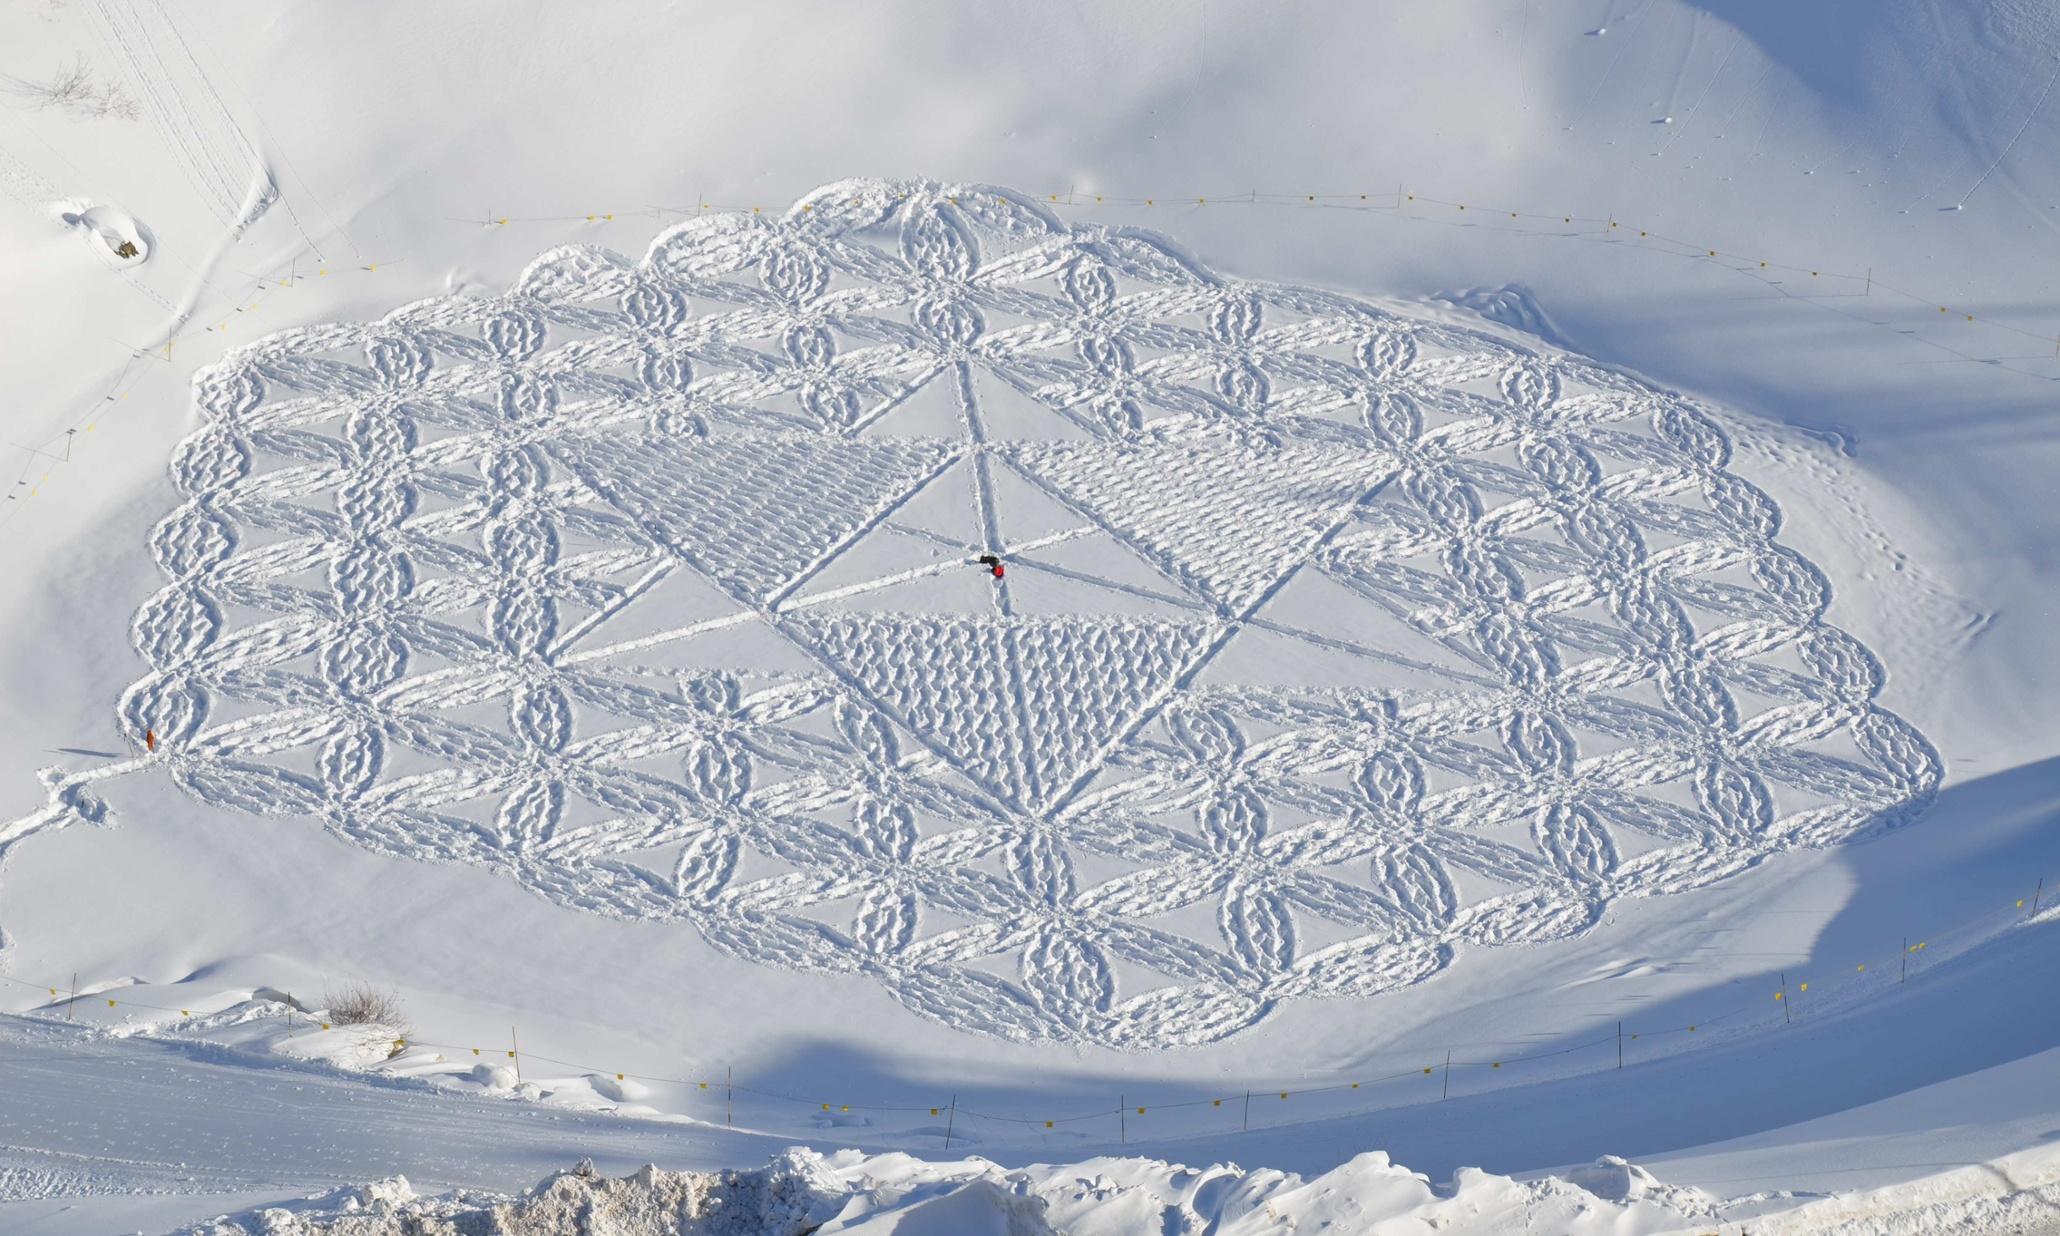 diseños nieve beck (1)